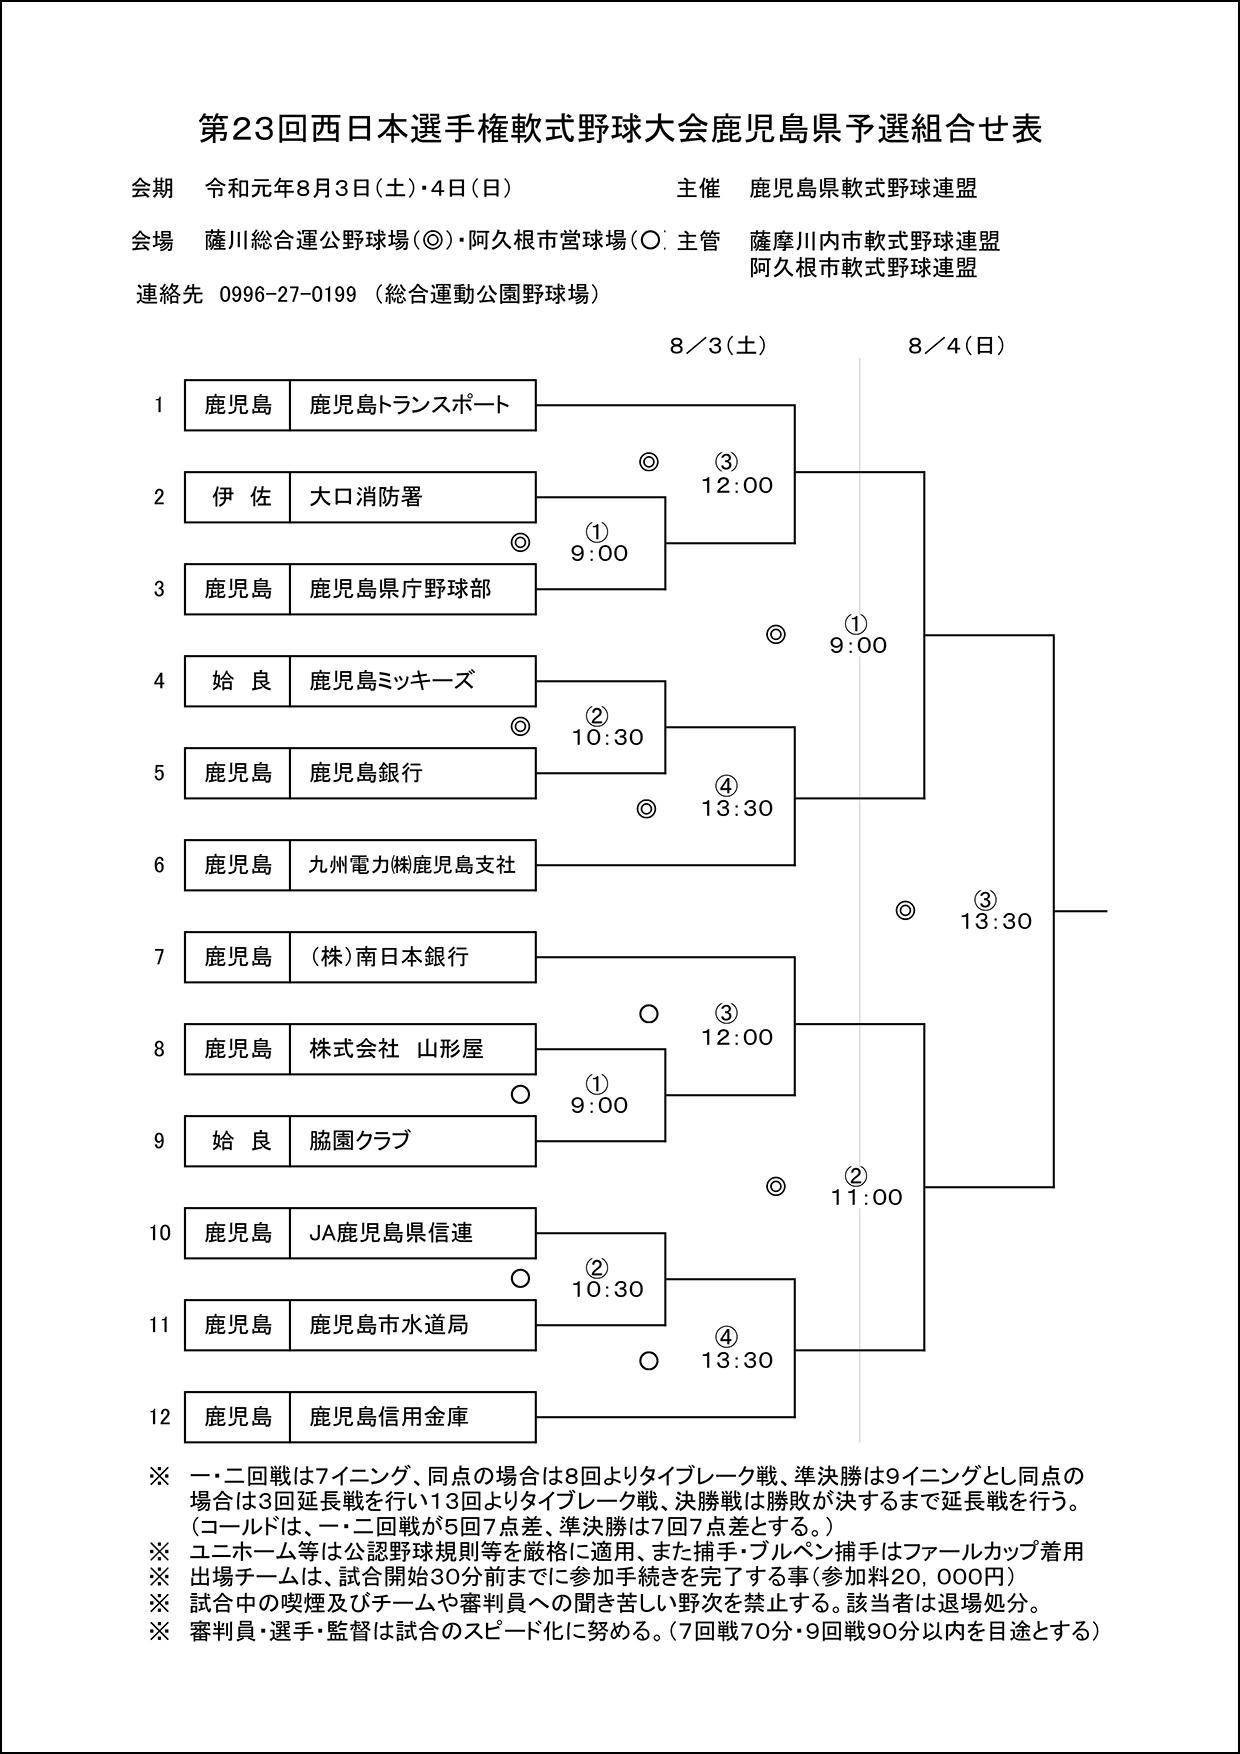 【組合せ】第23回西日本軟式野球大会鹿児島県予選